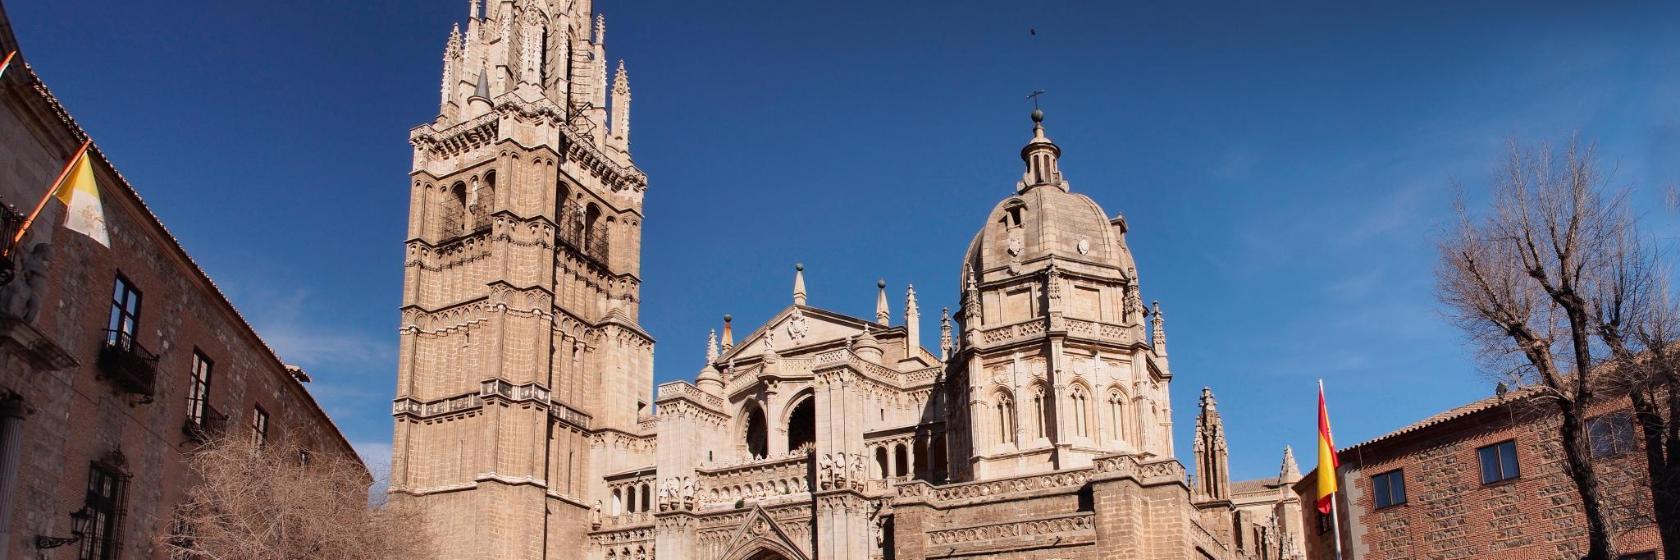 Los 10 mejores hoteles cerca de Catedral de Toledo en Toledo ...